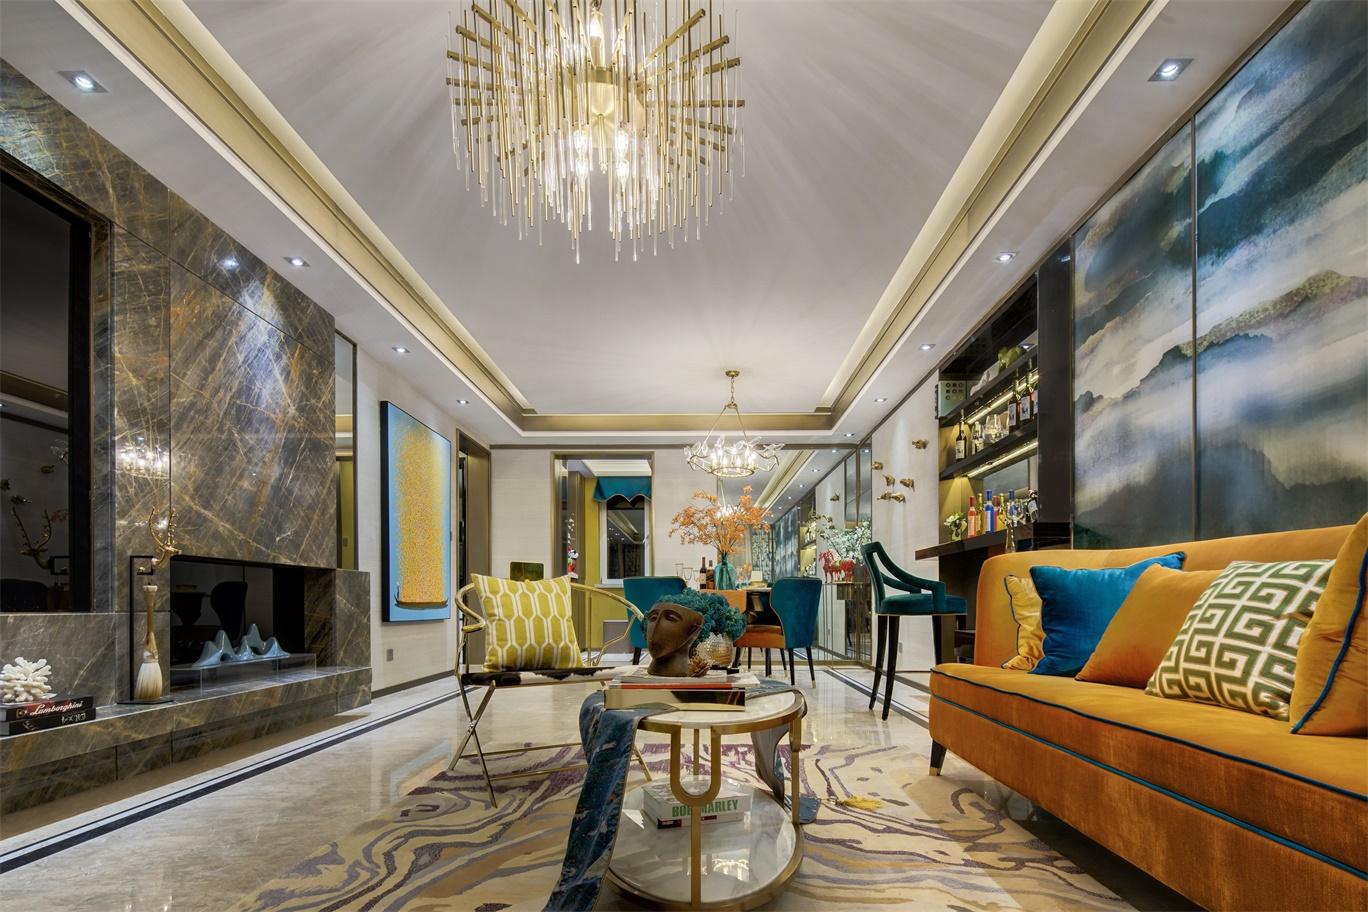 客厅与餐厅相连,延伸感十足,金橘色调融合使用则中华文化的底蕴。